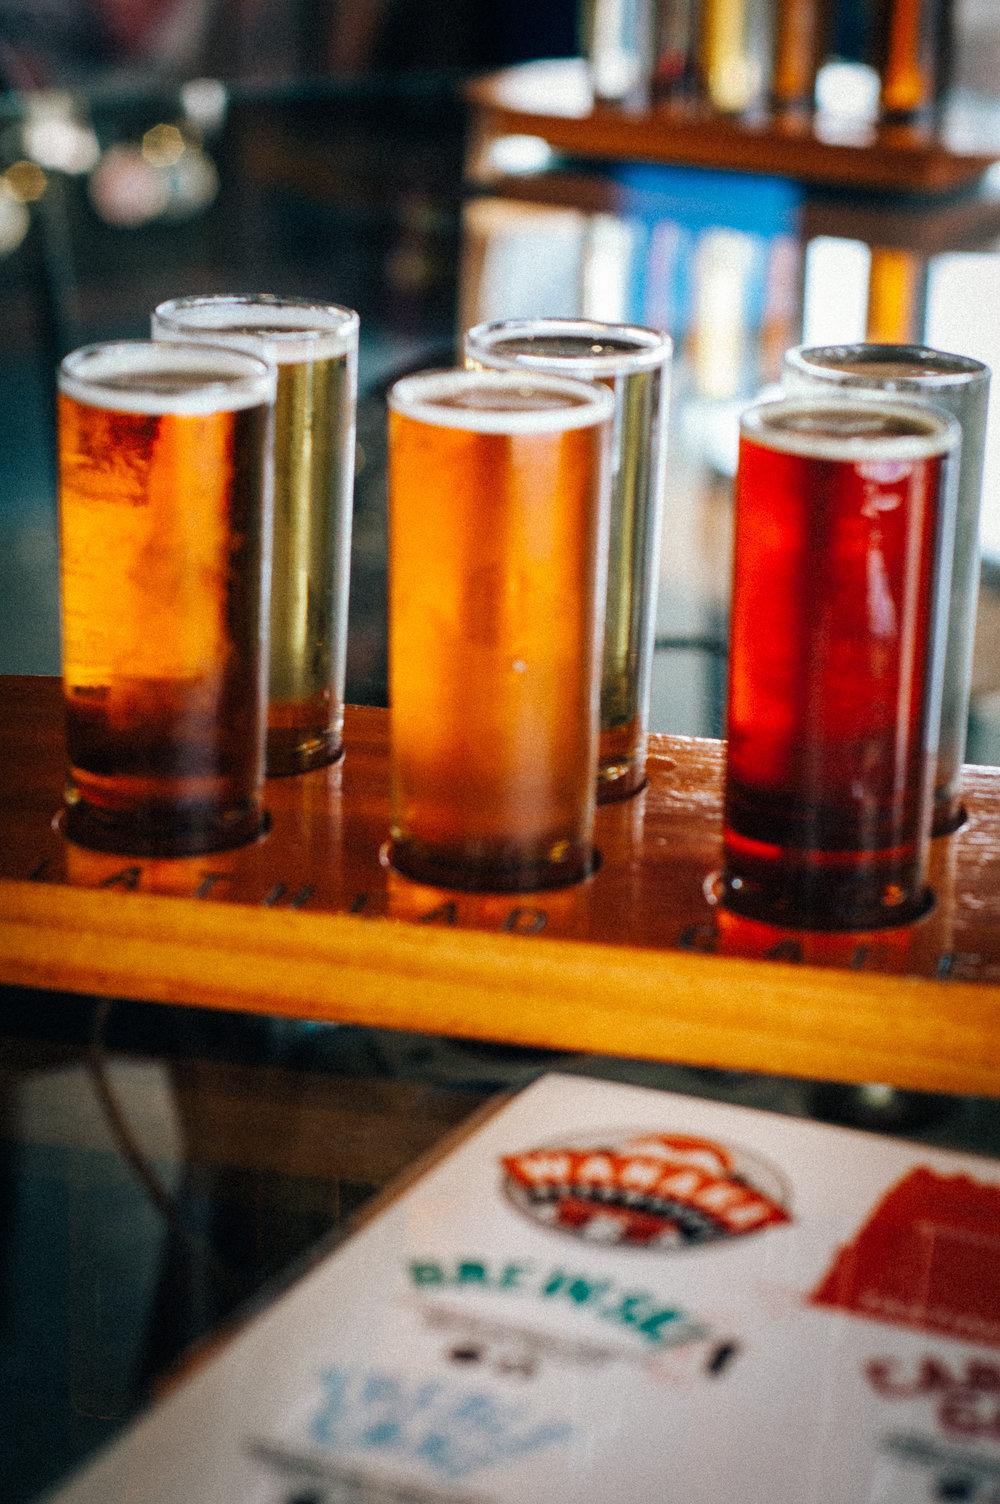 wanaka beerworks (1 of 1).jpg